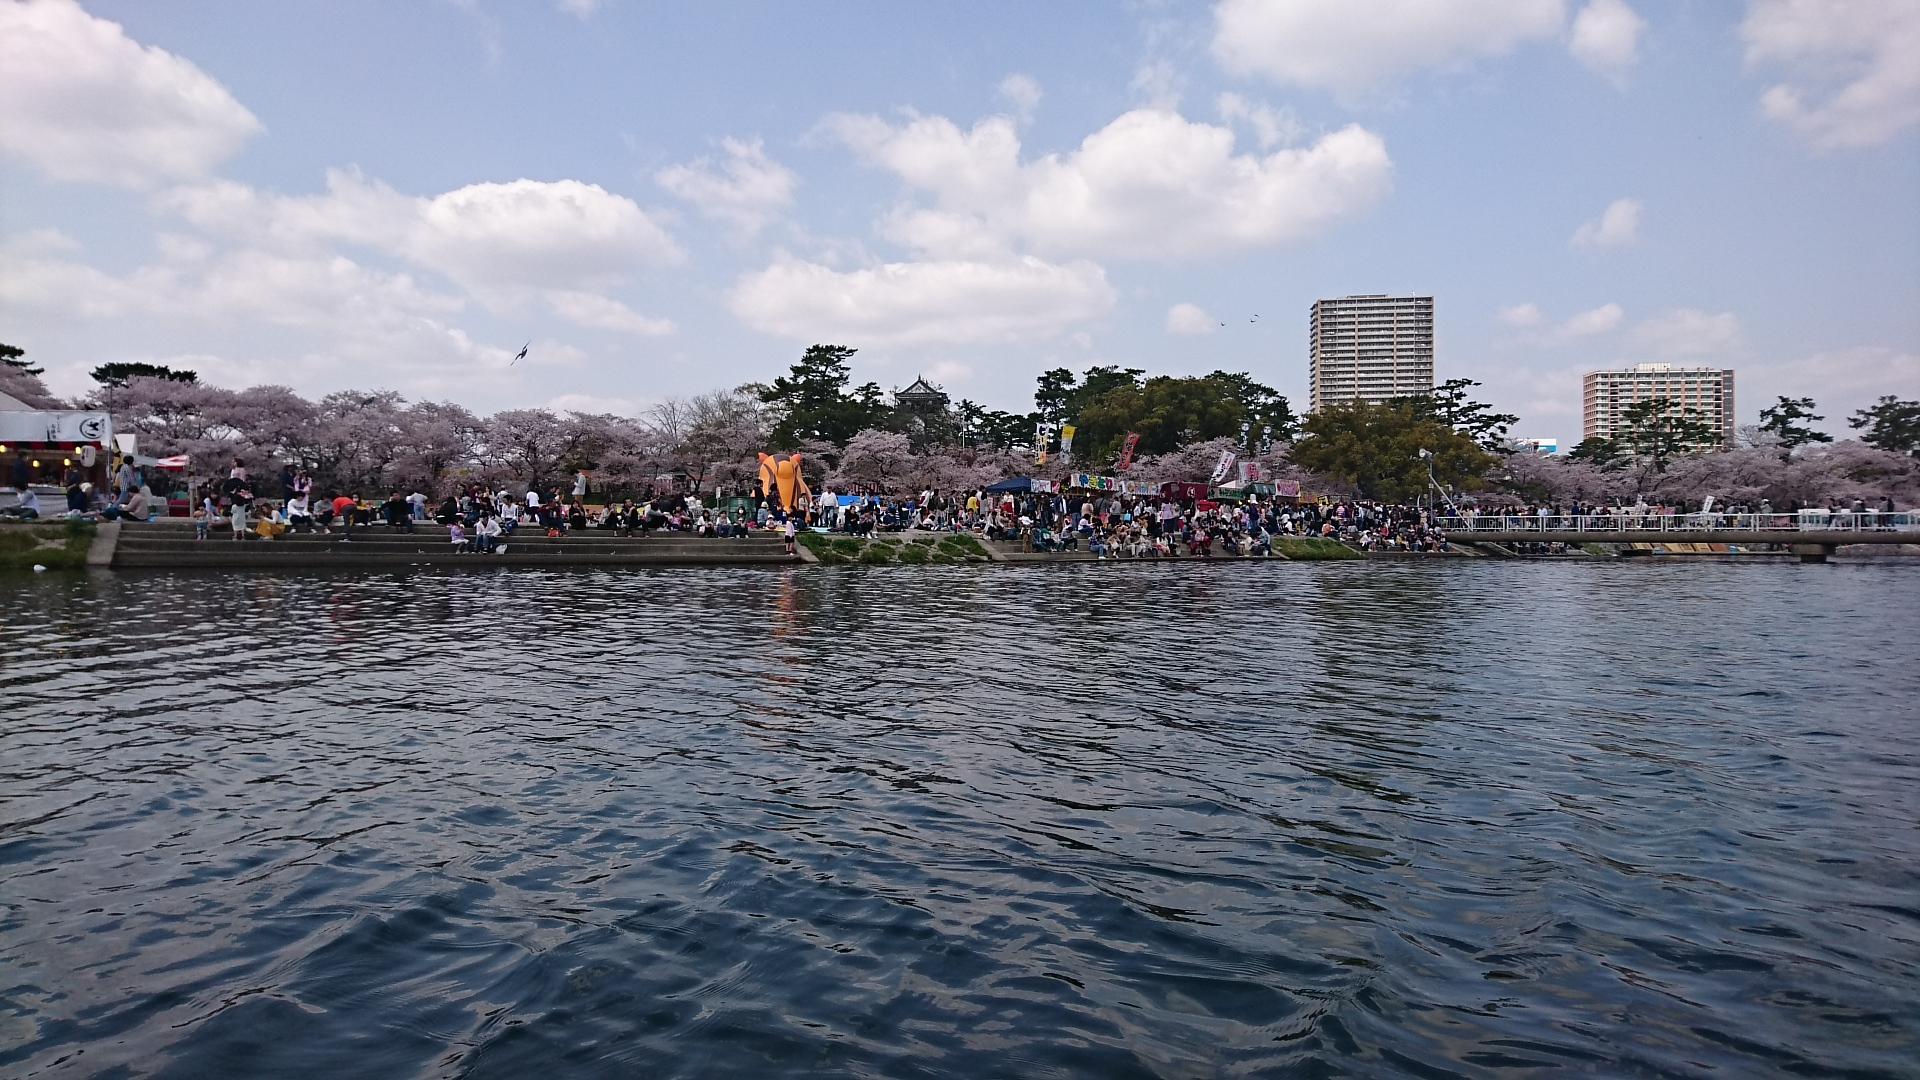 2018.3.31 岡崎ふなあそび (21) くだり 1920-1080